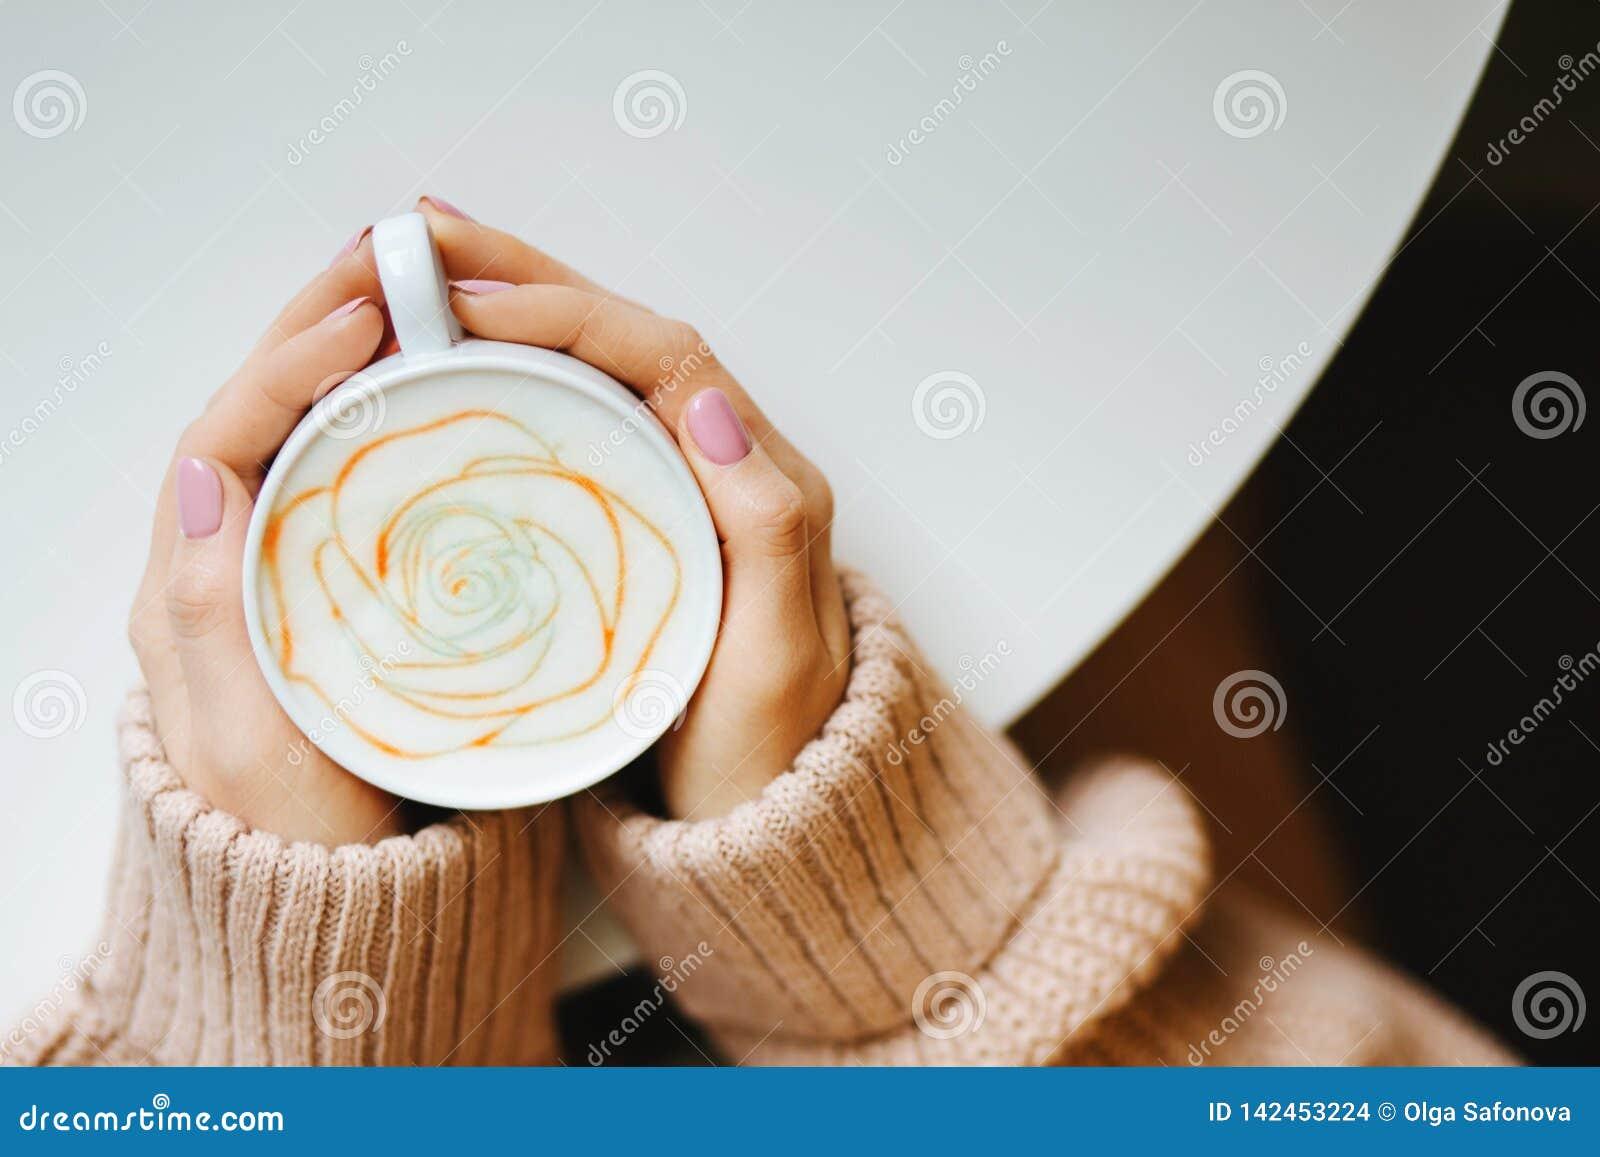 Filiżanka z kawą w rękach